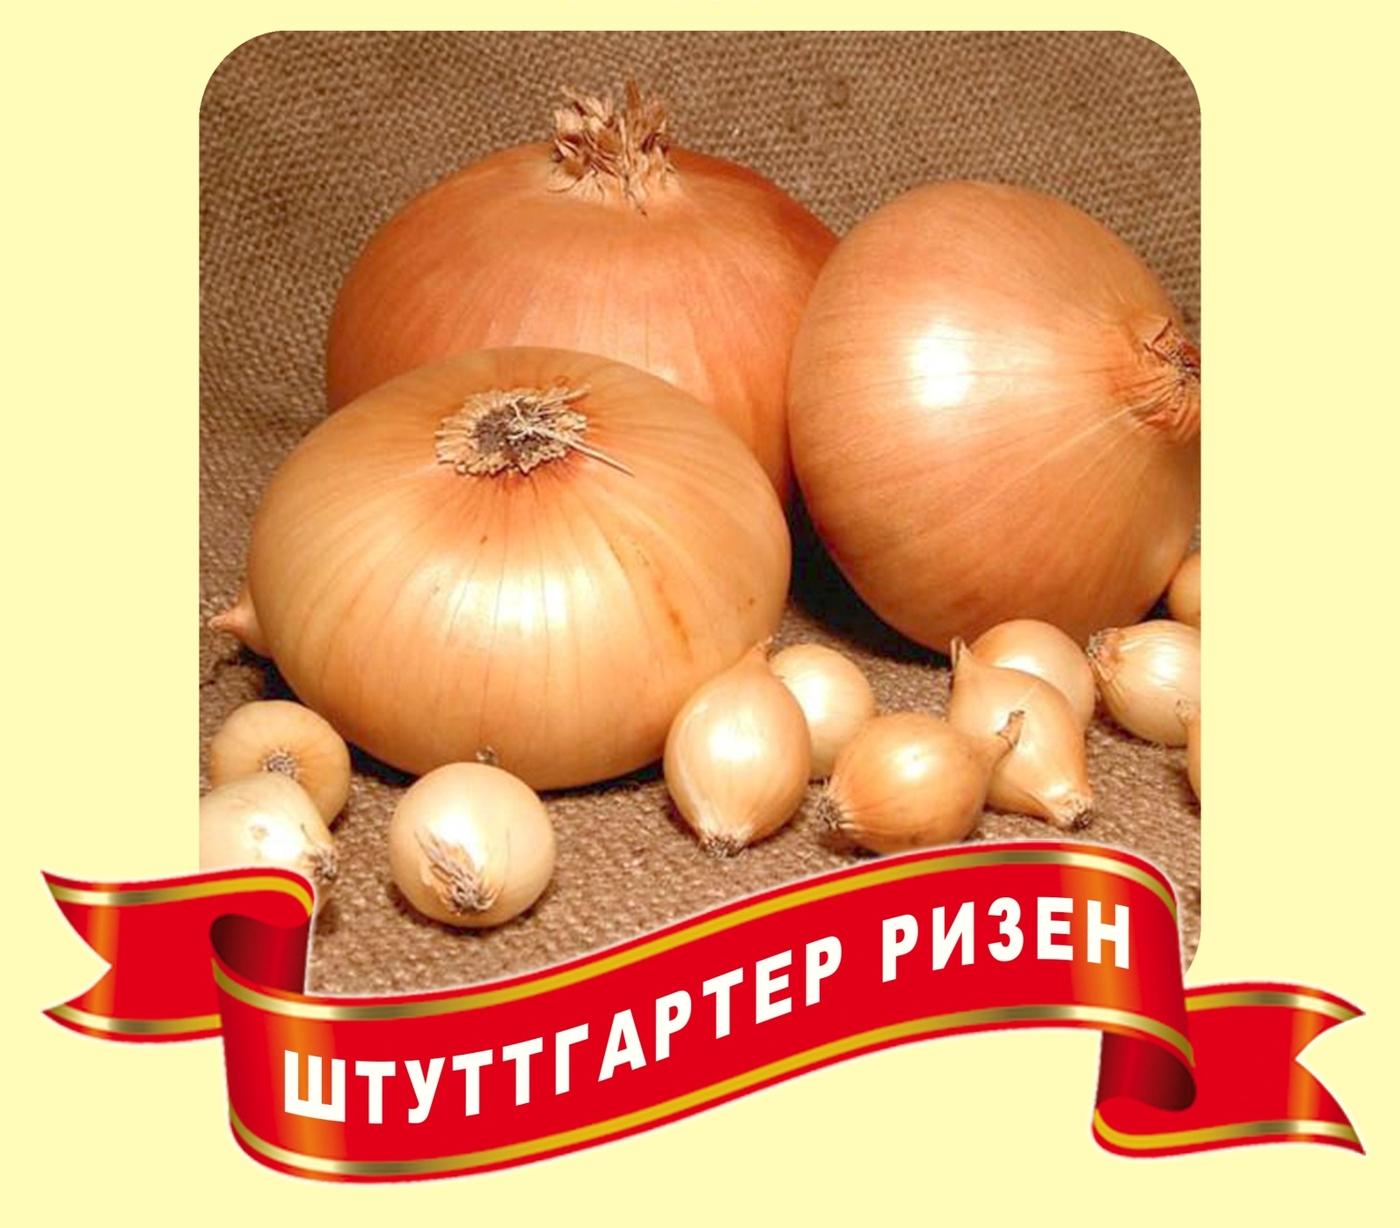 Репчатый лук штутгартер ризен – описание сорта и правила выращивания из семян